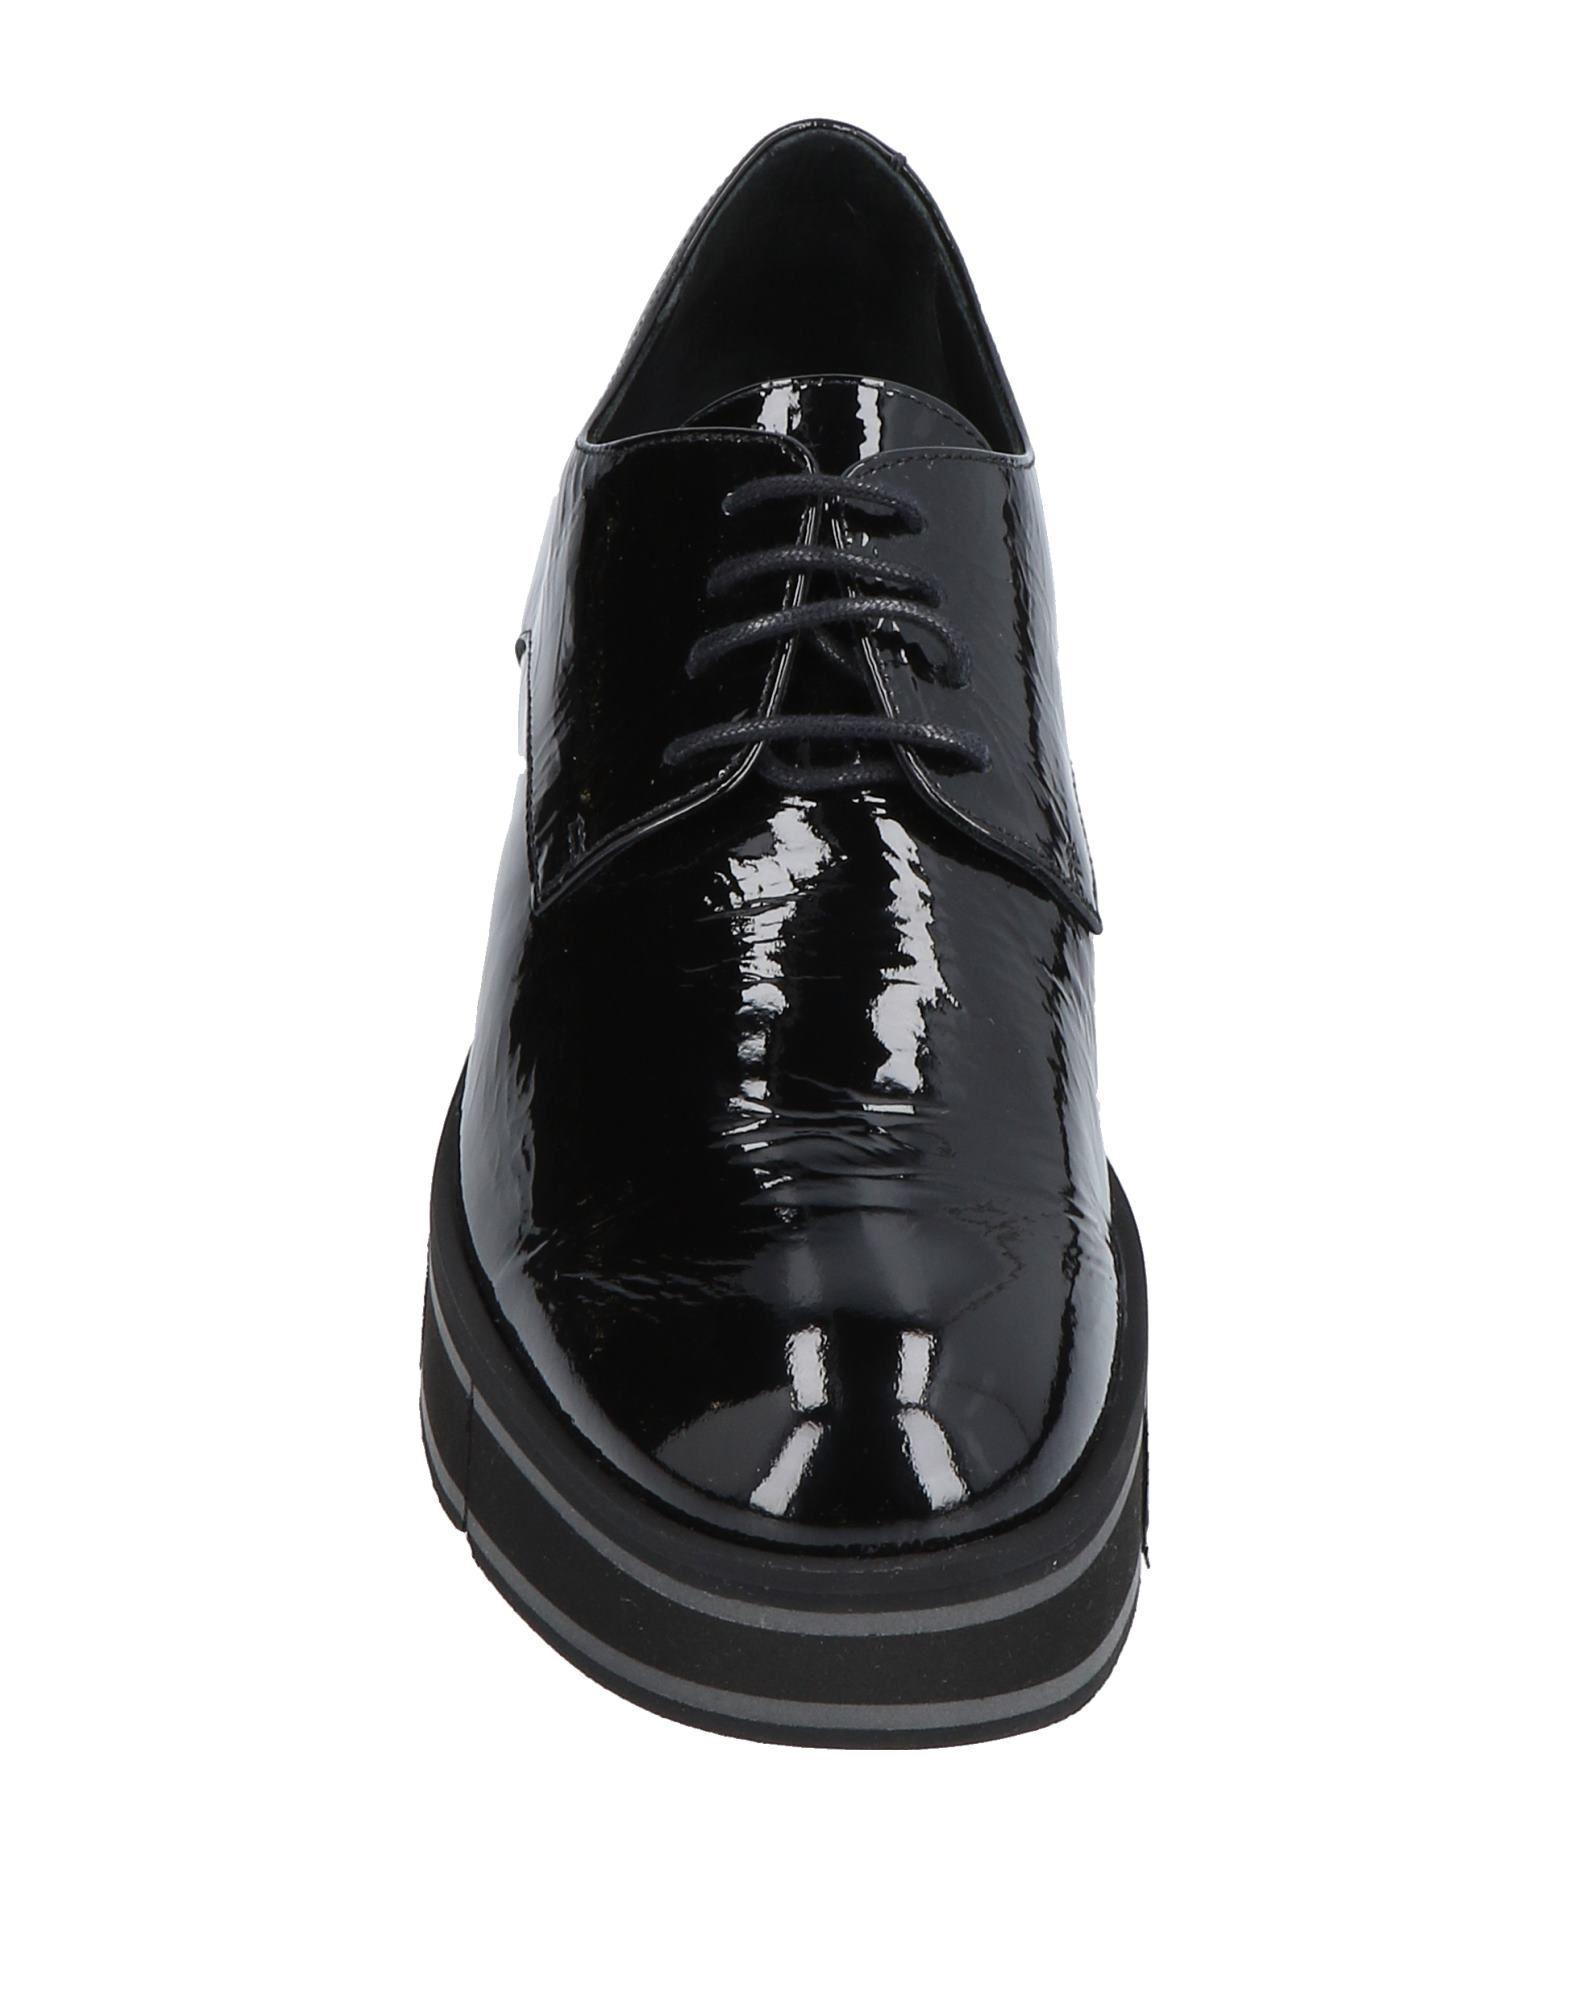 Gut um Barceló billige Schuhe zu tragenPaloma Barceló um Schnürschuhe Damen  11482268EA fabb89